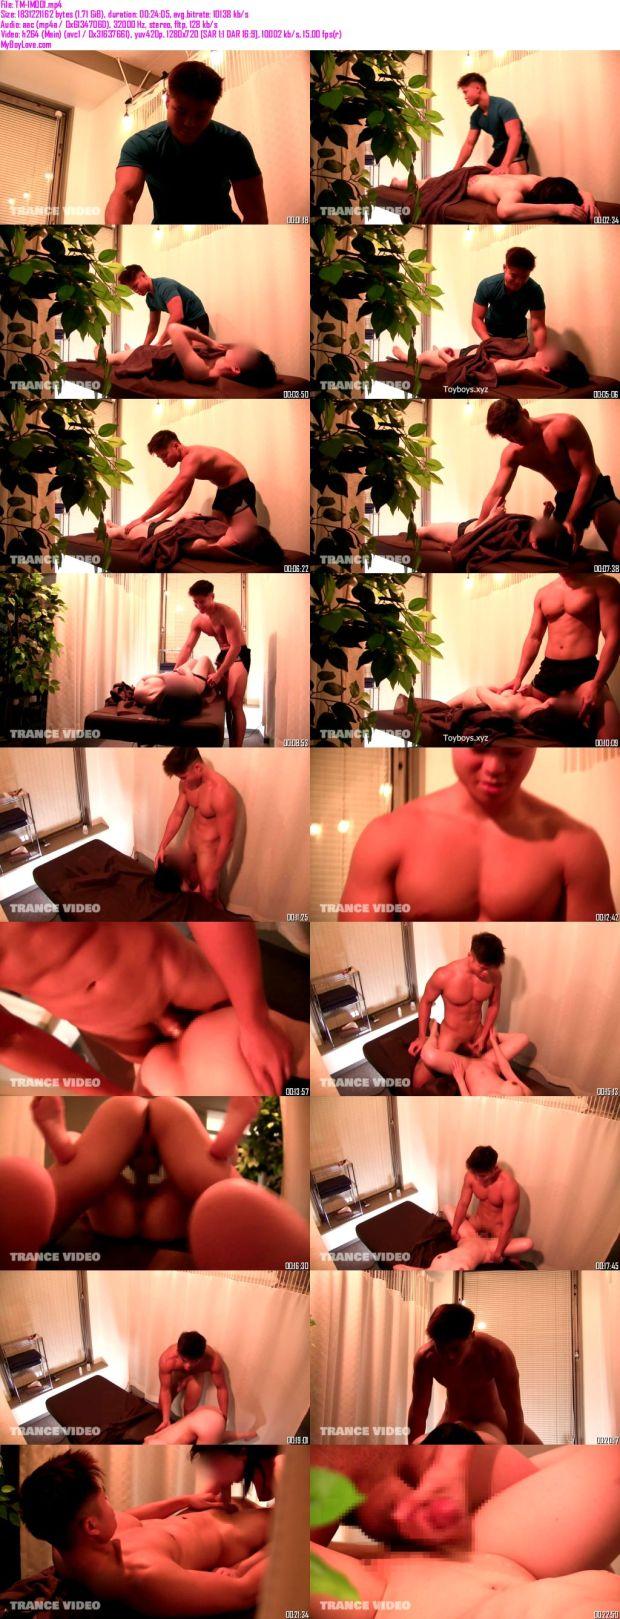 TRANCE VIDEO – TM-IM001 – 如何わしい男性セラピストの在籍するマッサージ店 Part1